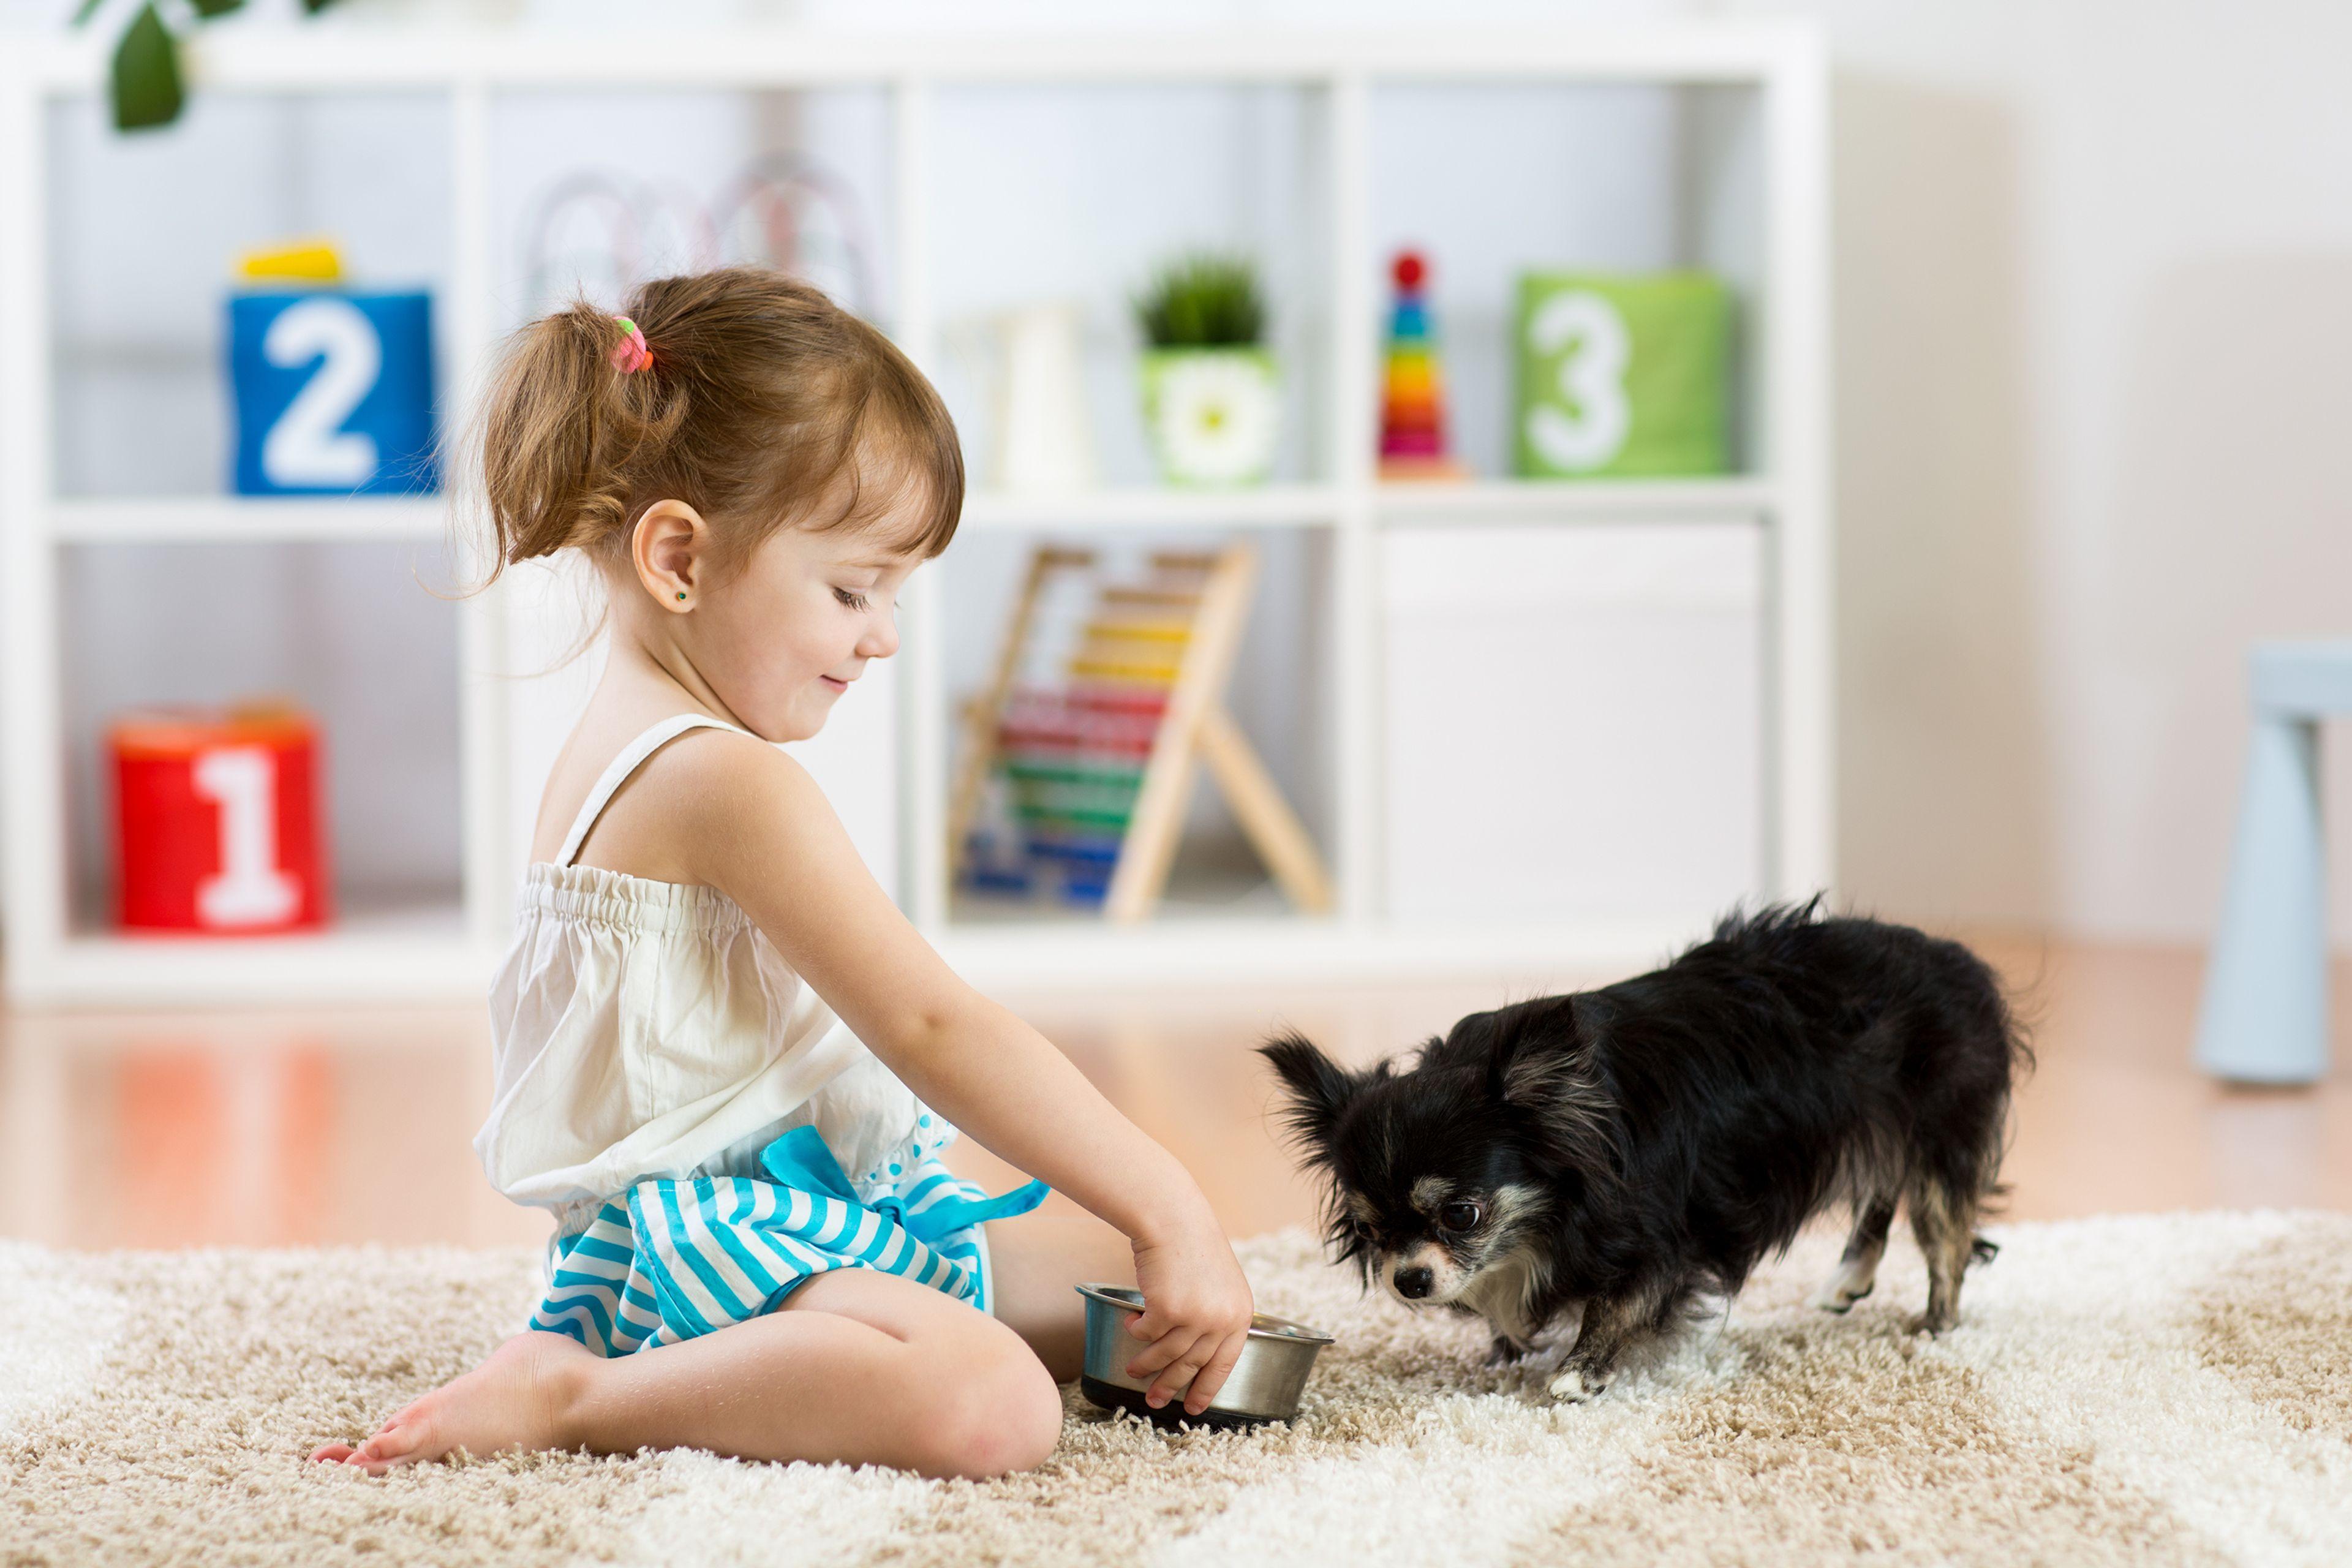 bambina dà da mangiare al cane